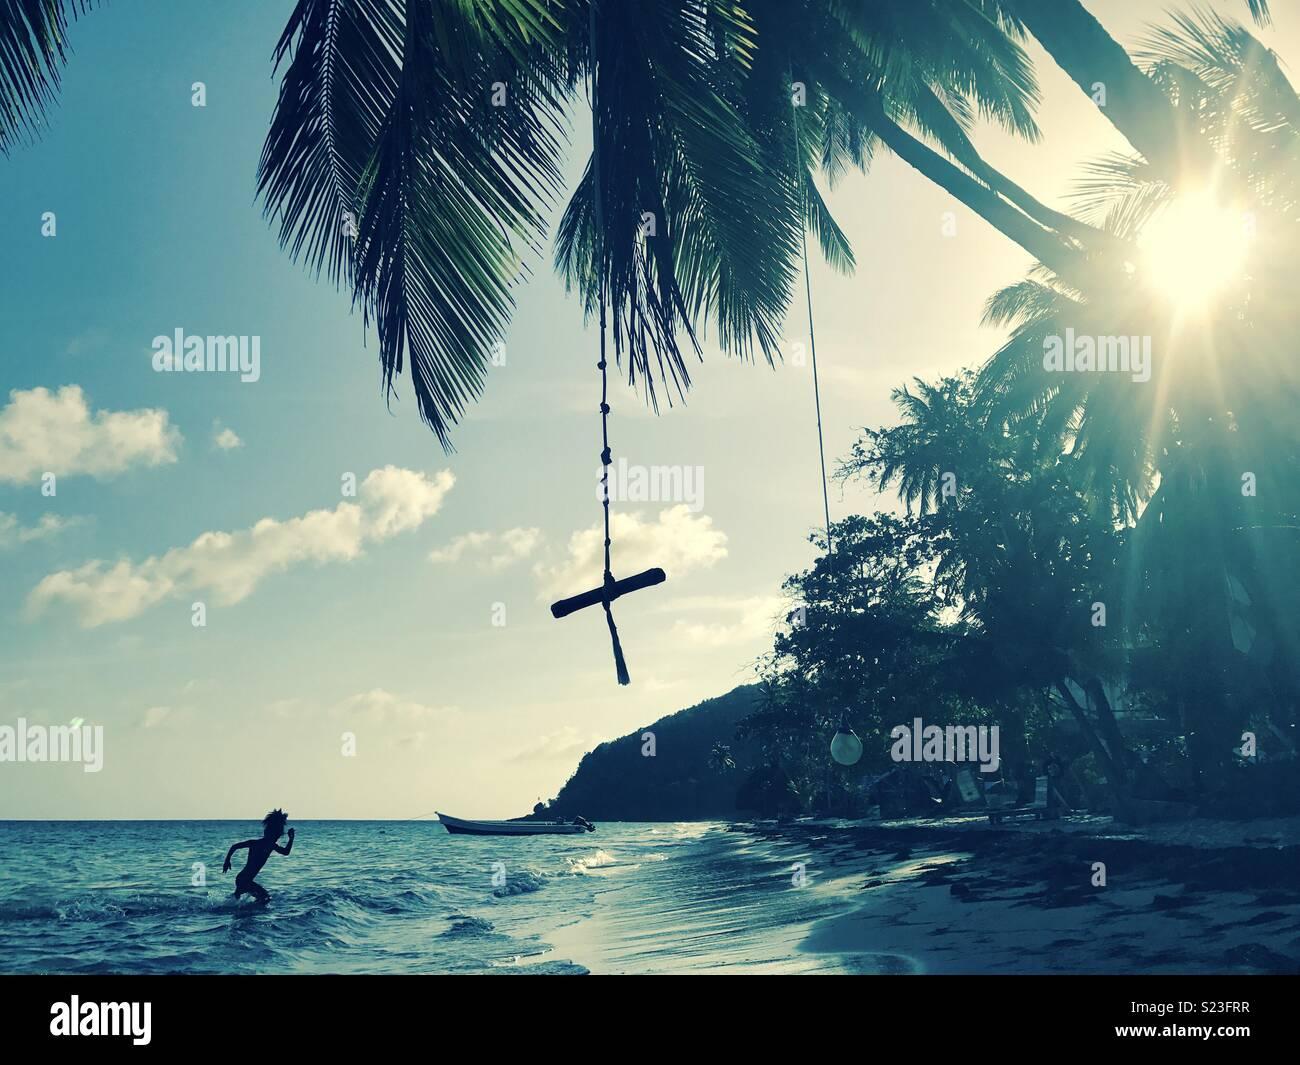 Escena de playa del Caribe en la isla de Providencia, una isla colombiana en el Caribe. Imagen De Stock